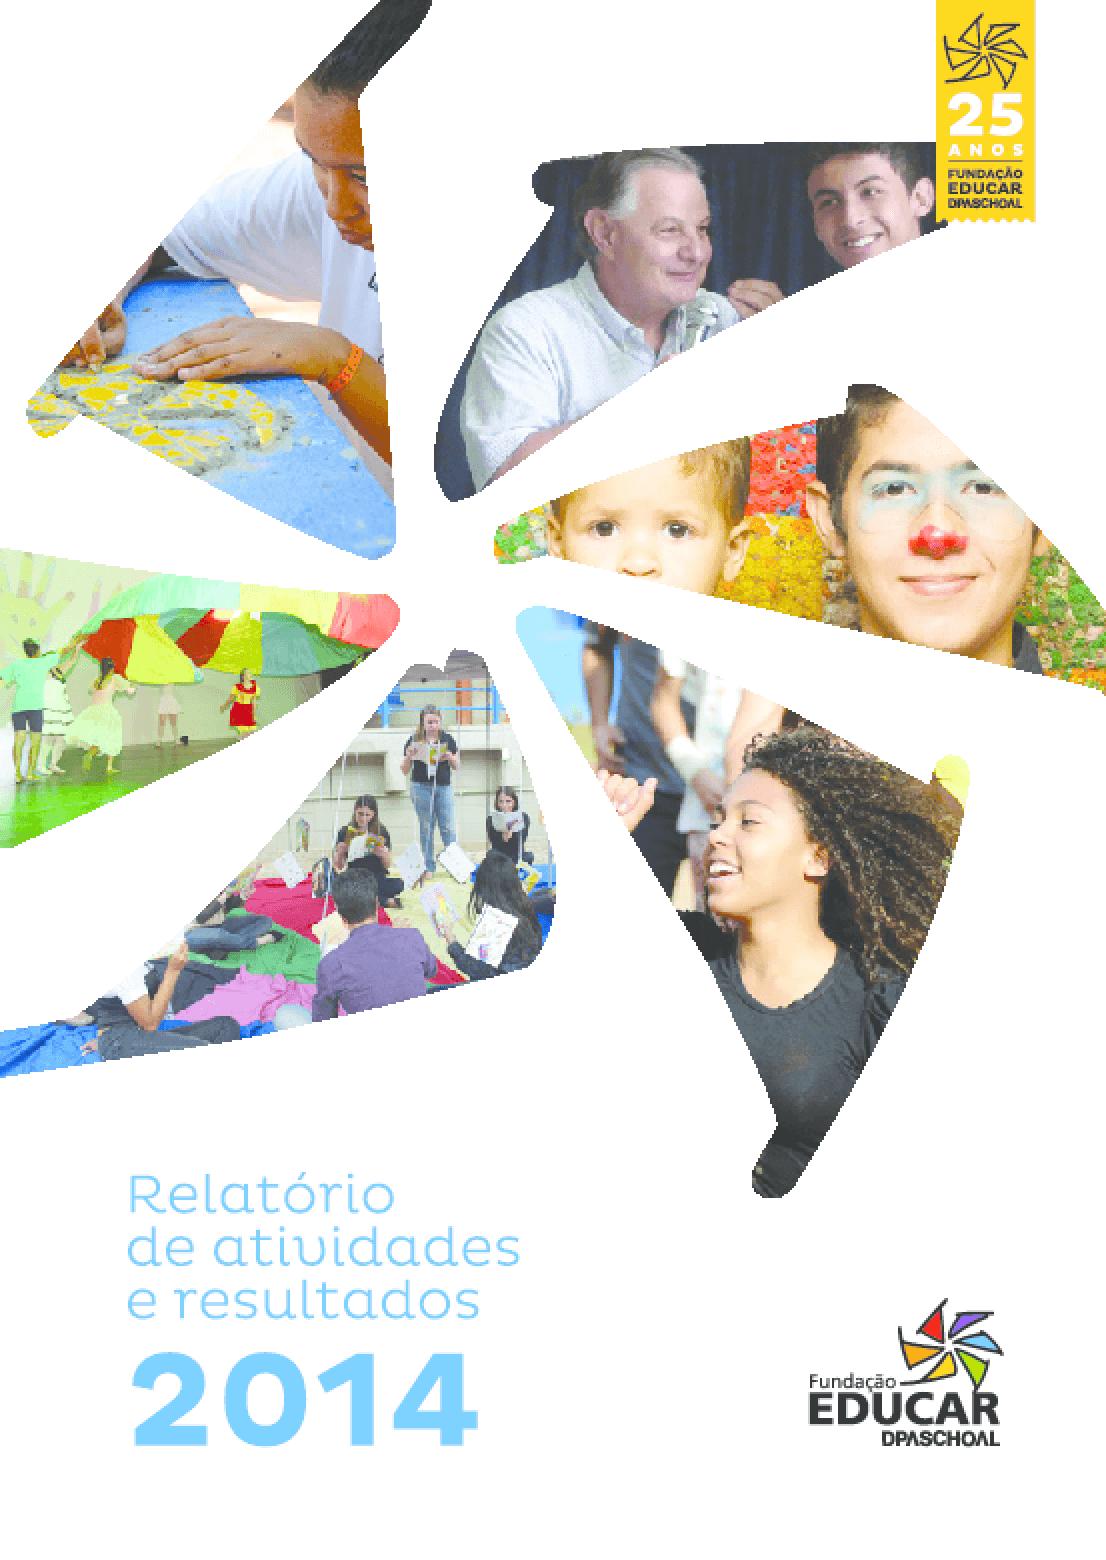 Relatório de Atividades e Resultados - Fundação Educar DPASCHOAL - 2014